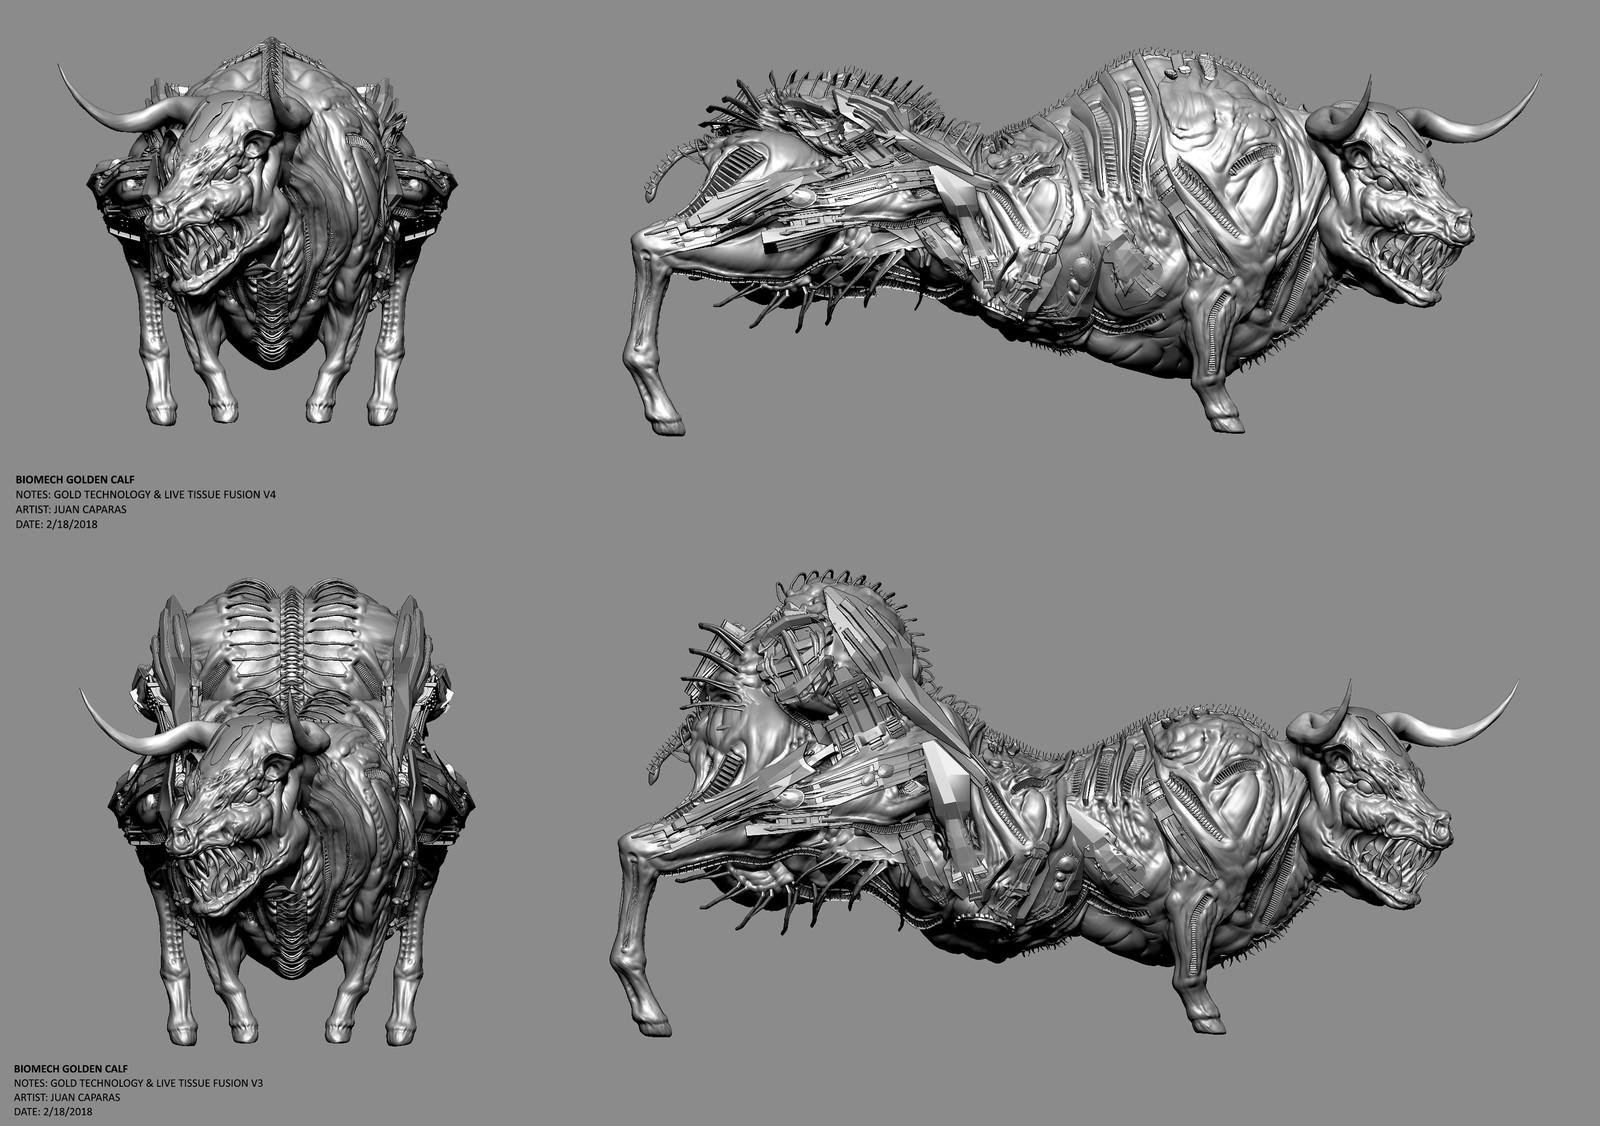 Biomech Golden Calf | Billy Philips (Lecturer)